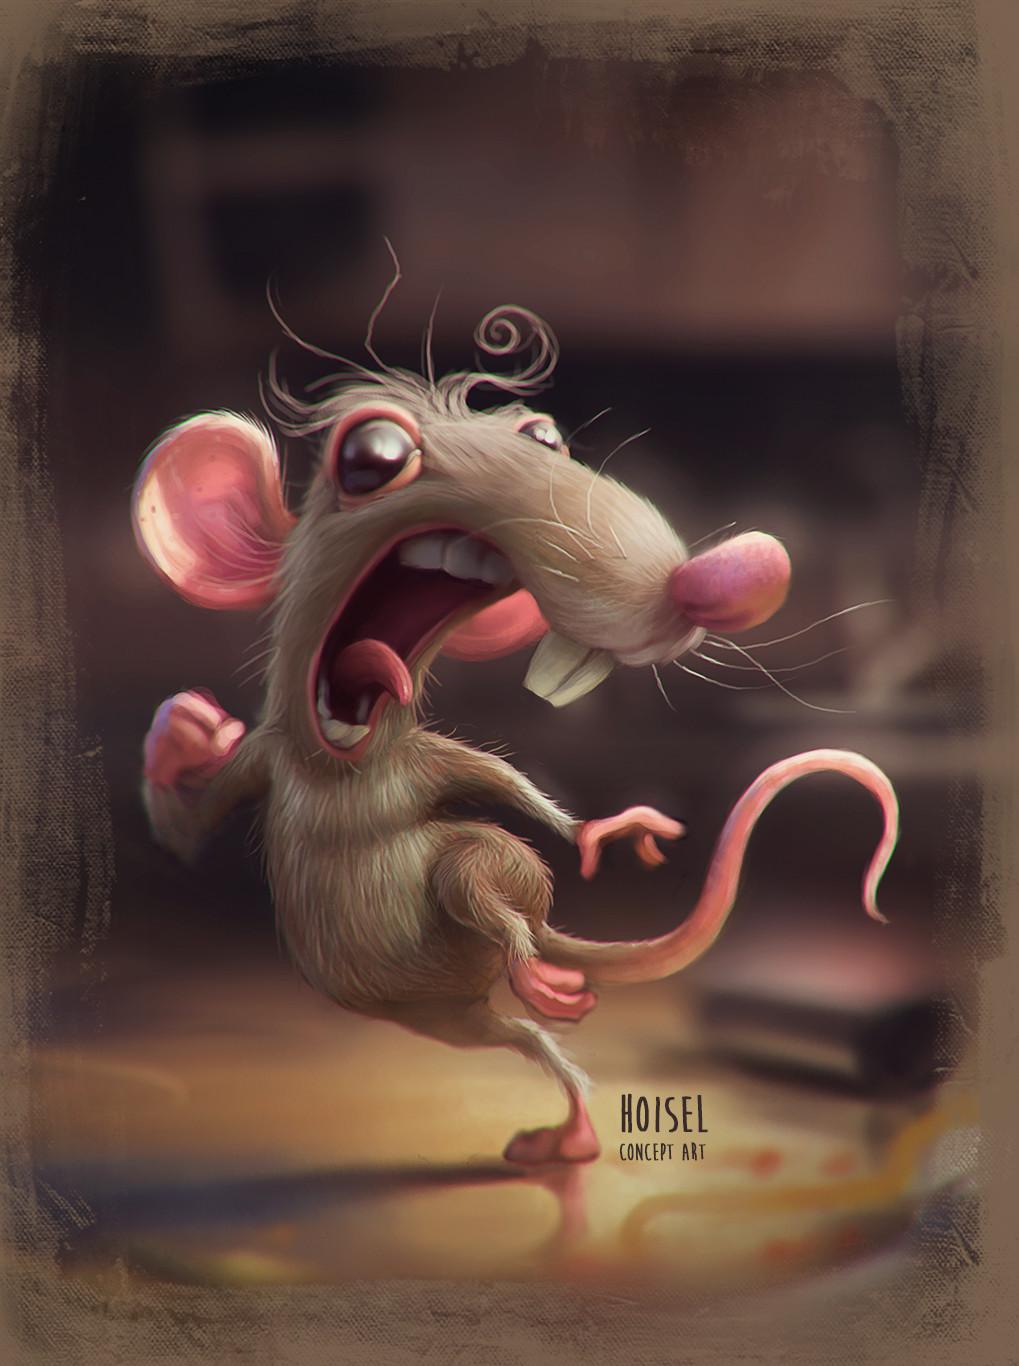 tiago-hoisel-mouse06